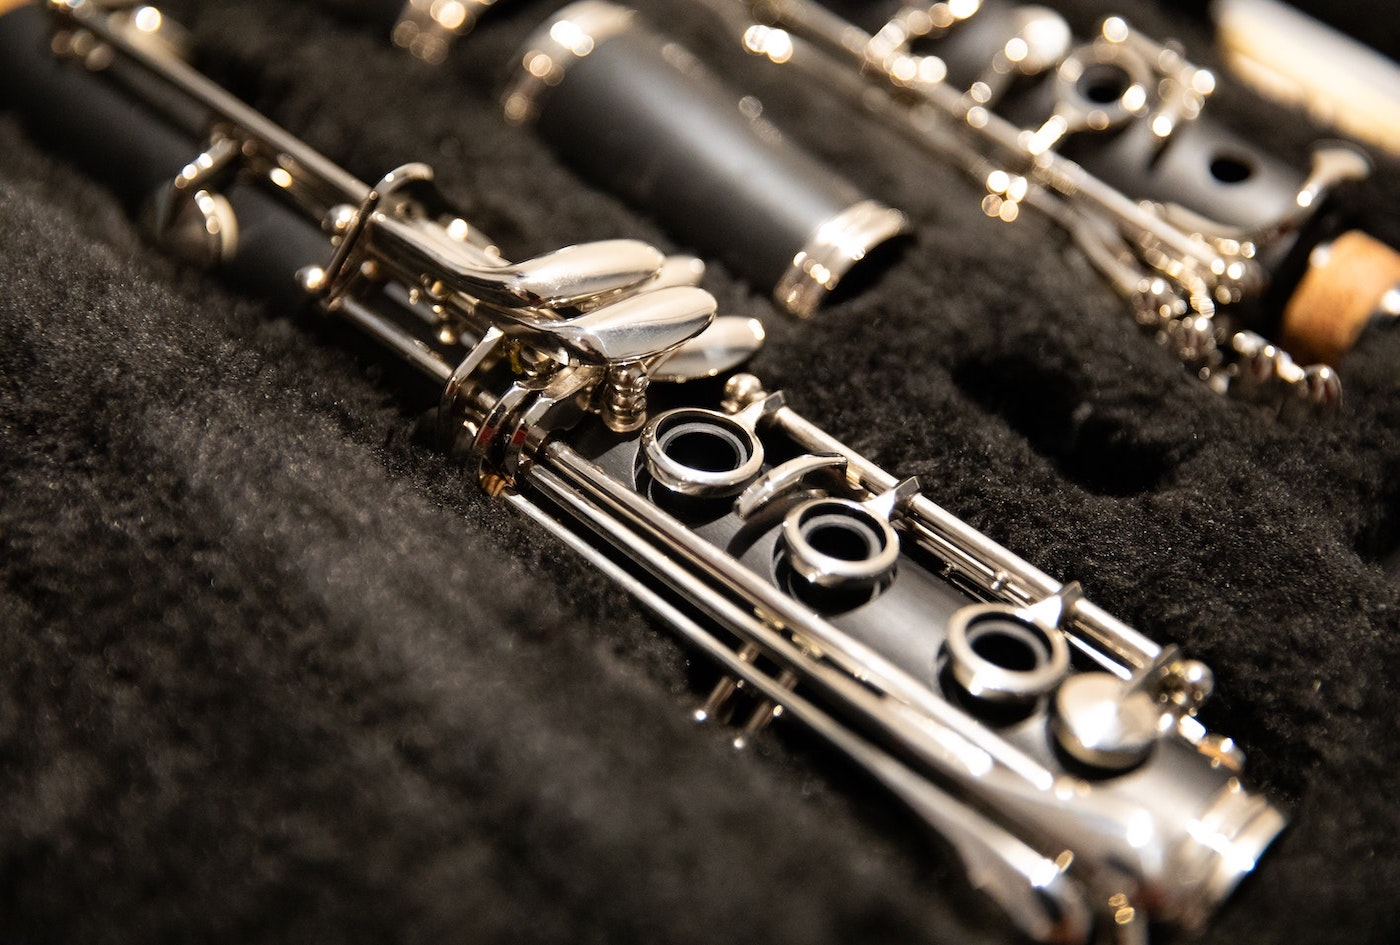 木管楽器の楽器法③:クラリネットの構造、音域、特徴を理解しよう!